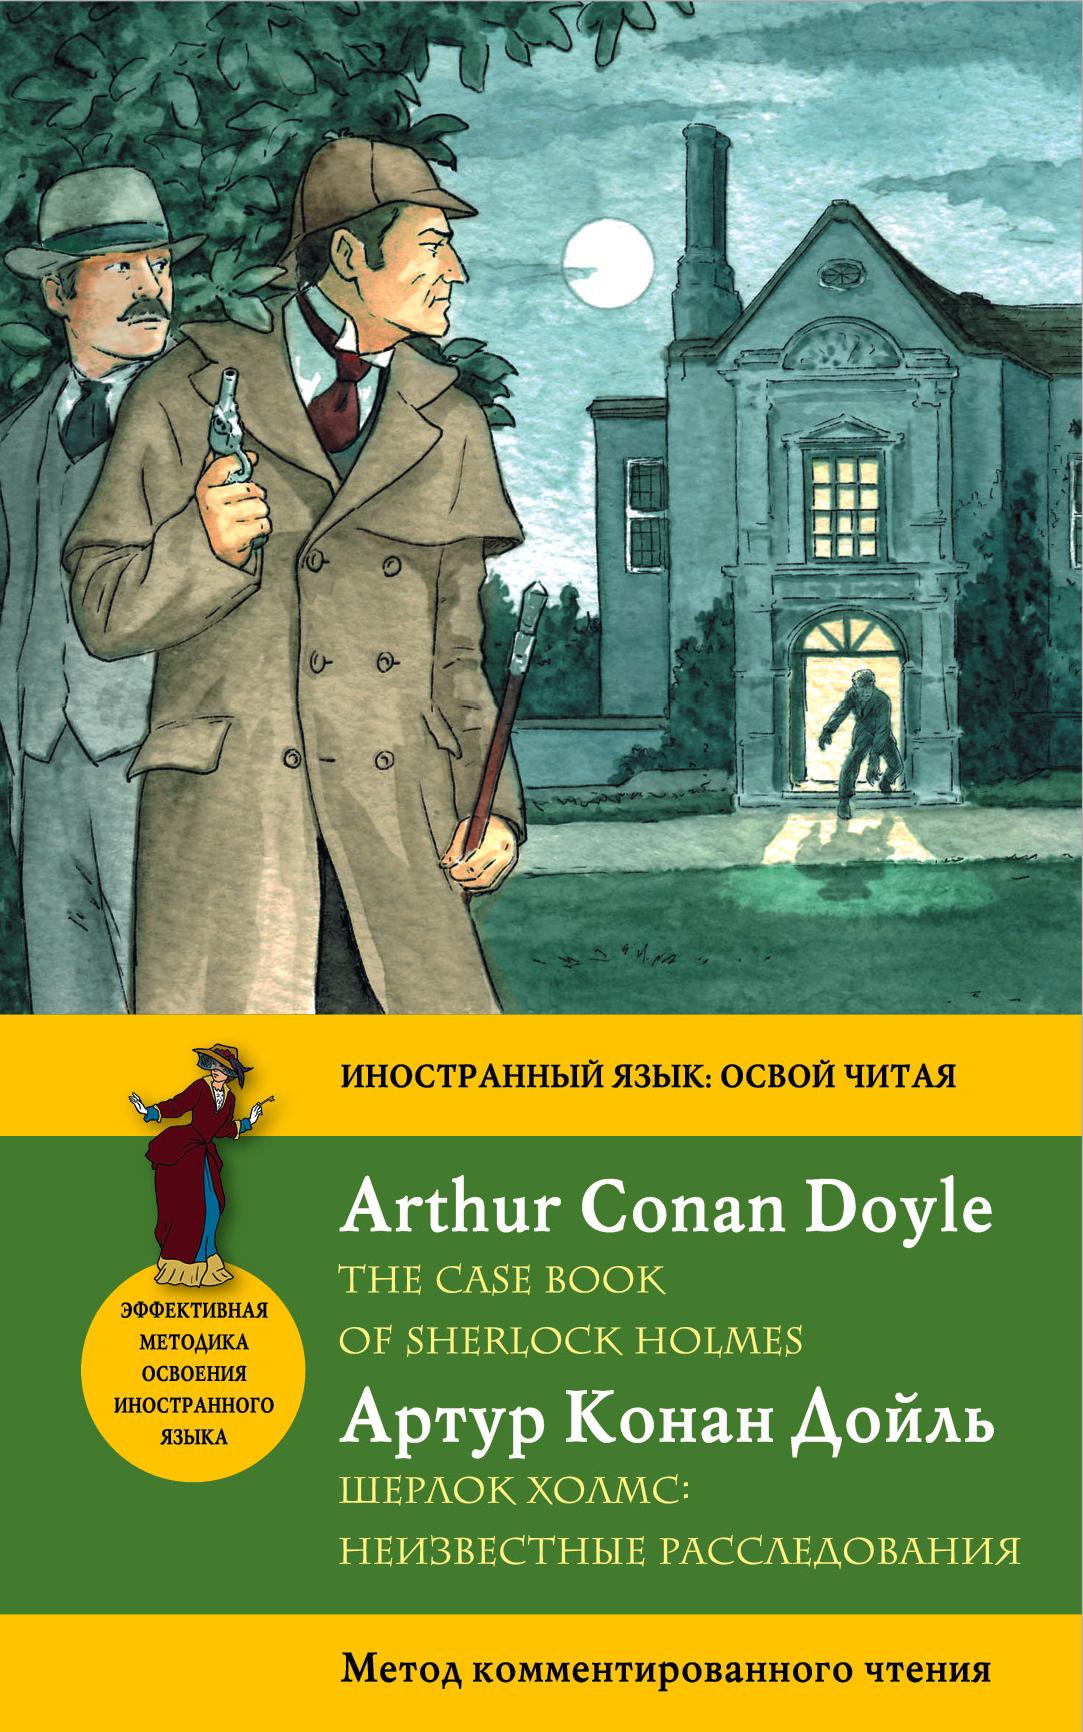 Конан Дойл А. Шерлок Холмс: Неизвестные расследования = The Case Book of Sherlock Holmes. Метод комментированного чтения артур конан дойл секретные материалы шерлока холмса the case book of sherlock holmes метод комментированного чтения